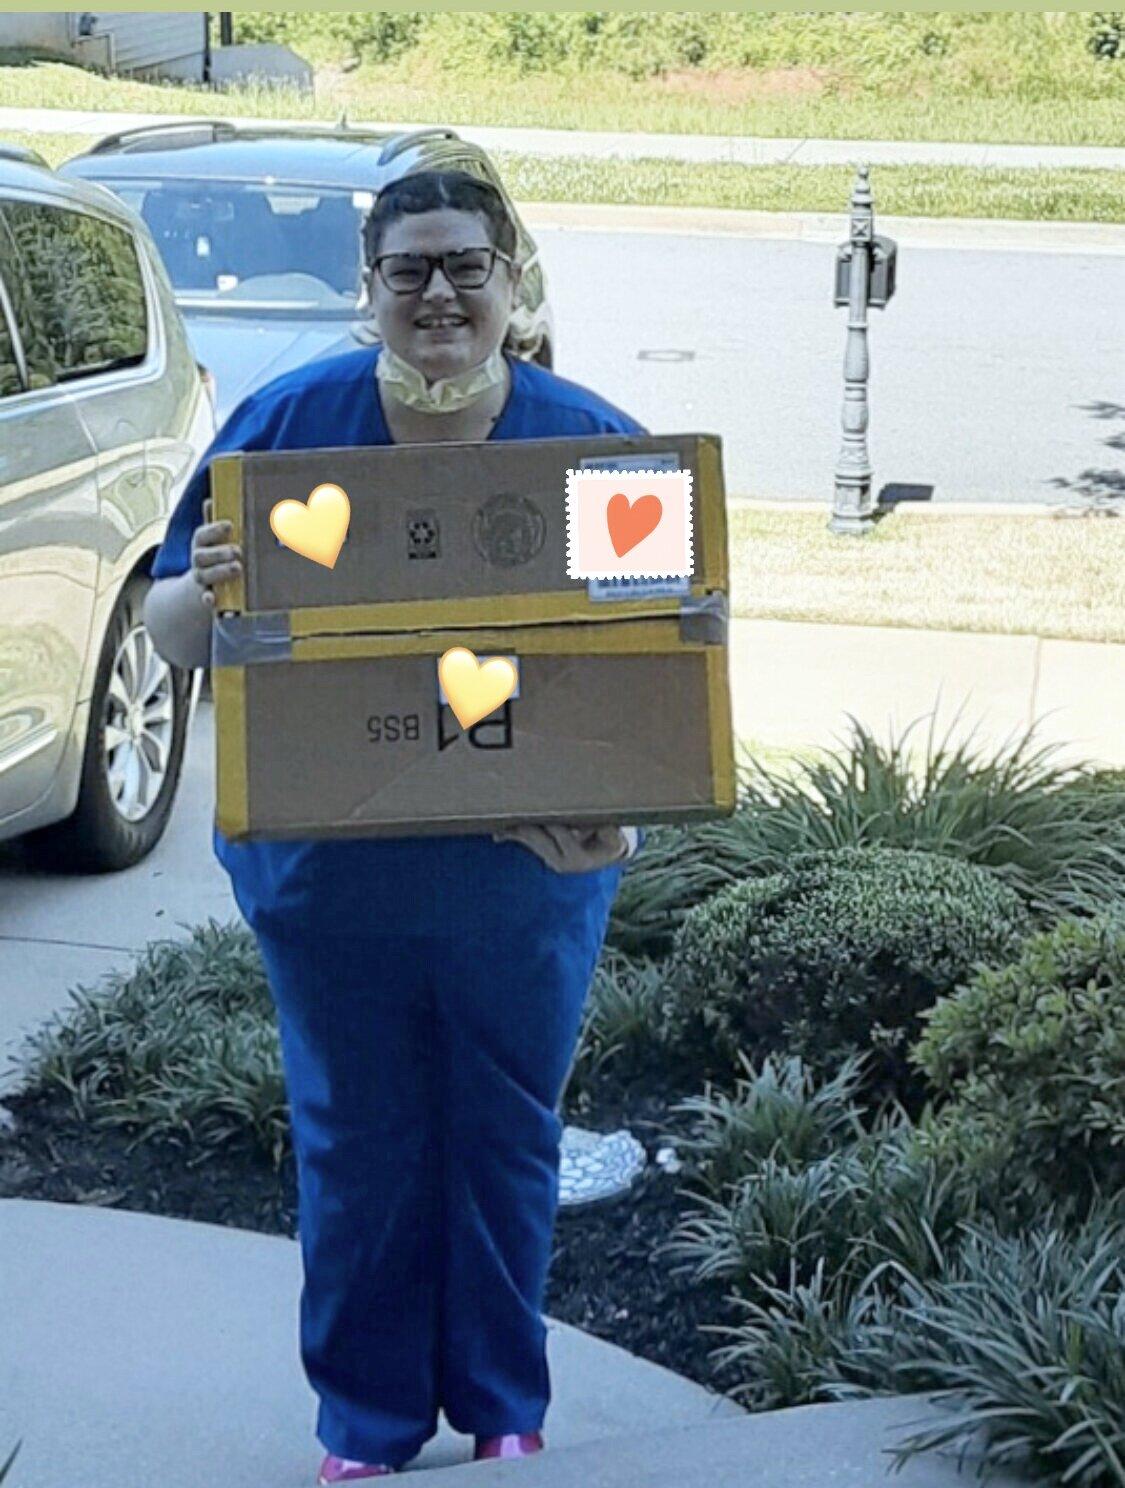 2020年5月1日:南卡新万博官方app罗来纳州的急诊科员工收到了一份新的护士PPE护理包!感谢Lindsay Grainger担任我们的SC PPE协调员!